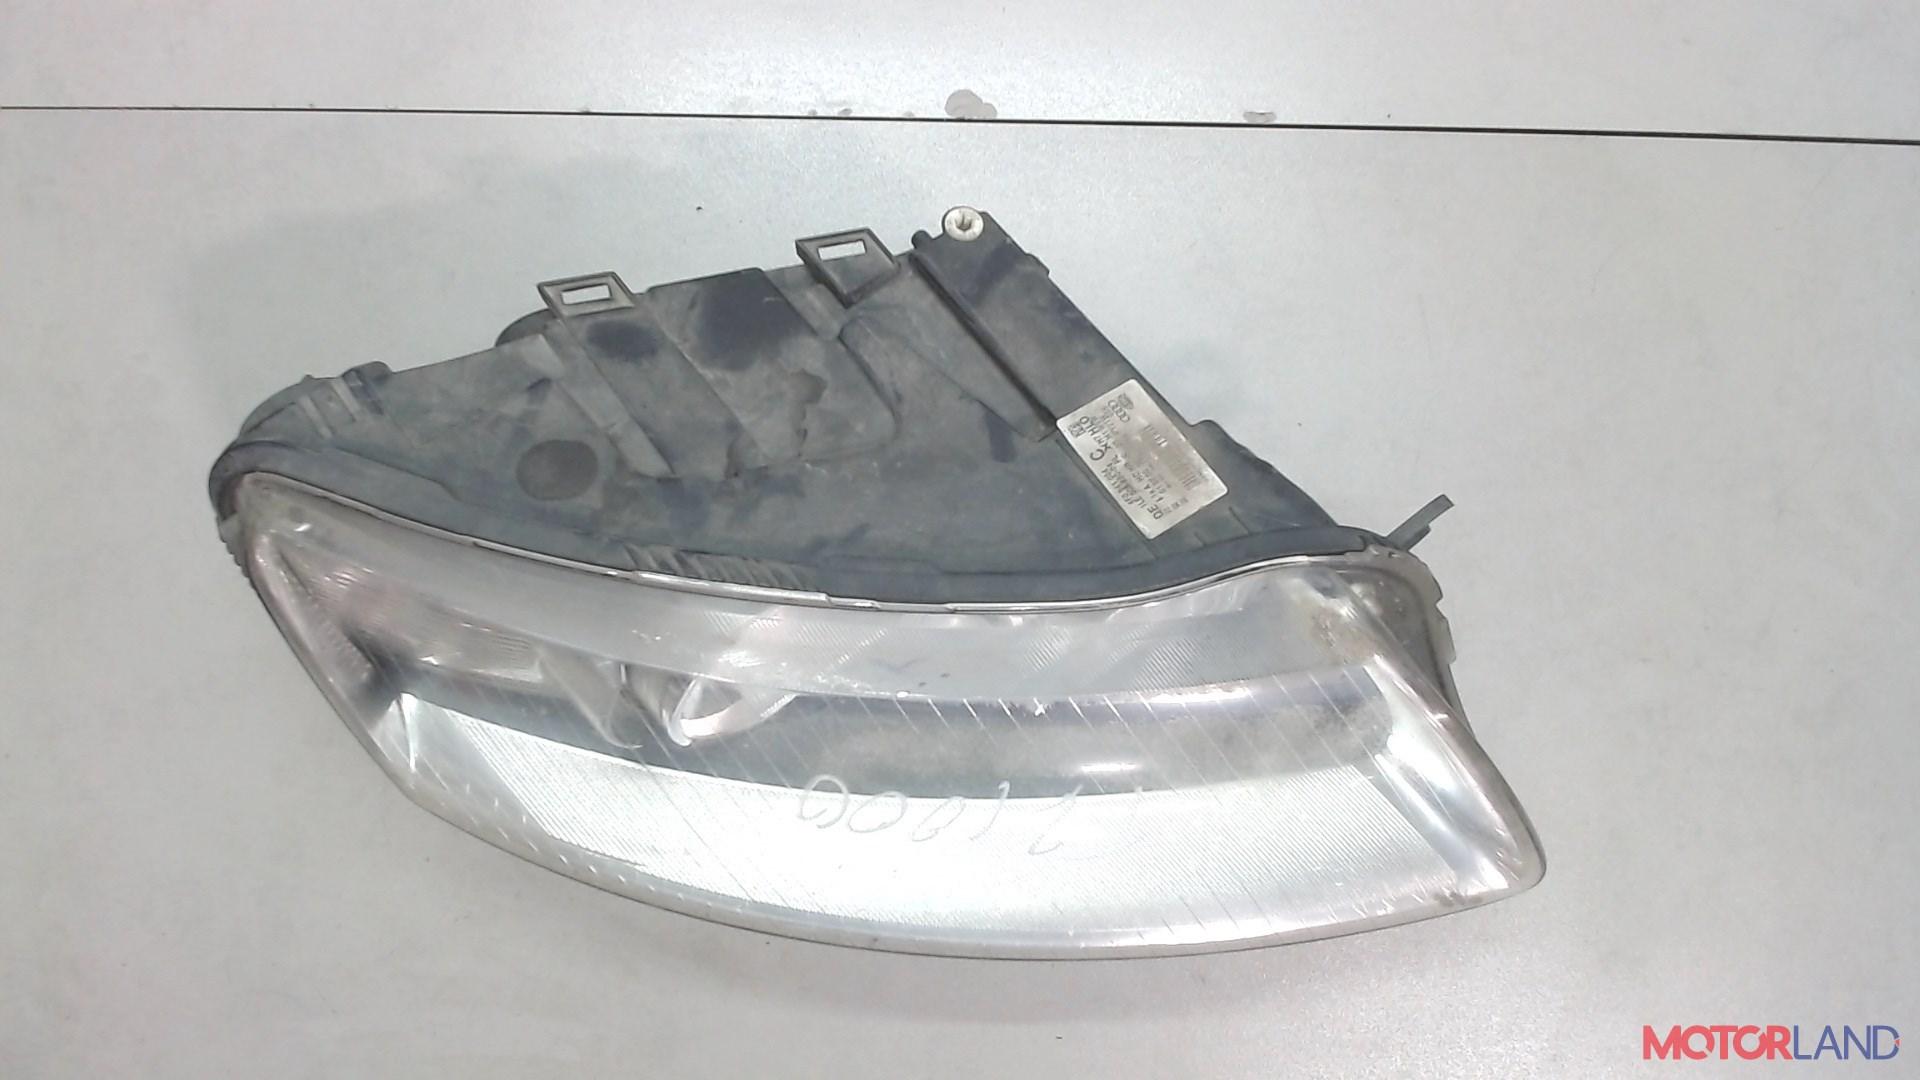 Фара (передняя) Audi A6 (C6) 2005-2011 2.4 л. 2006 BDW б/у #2